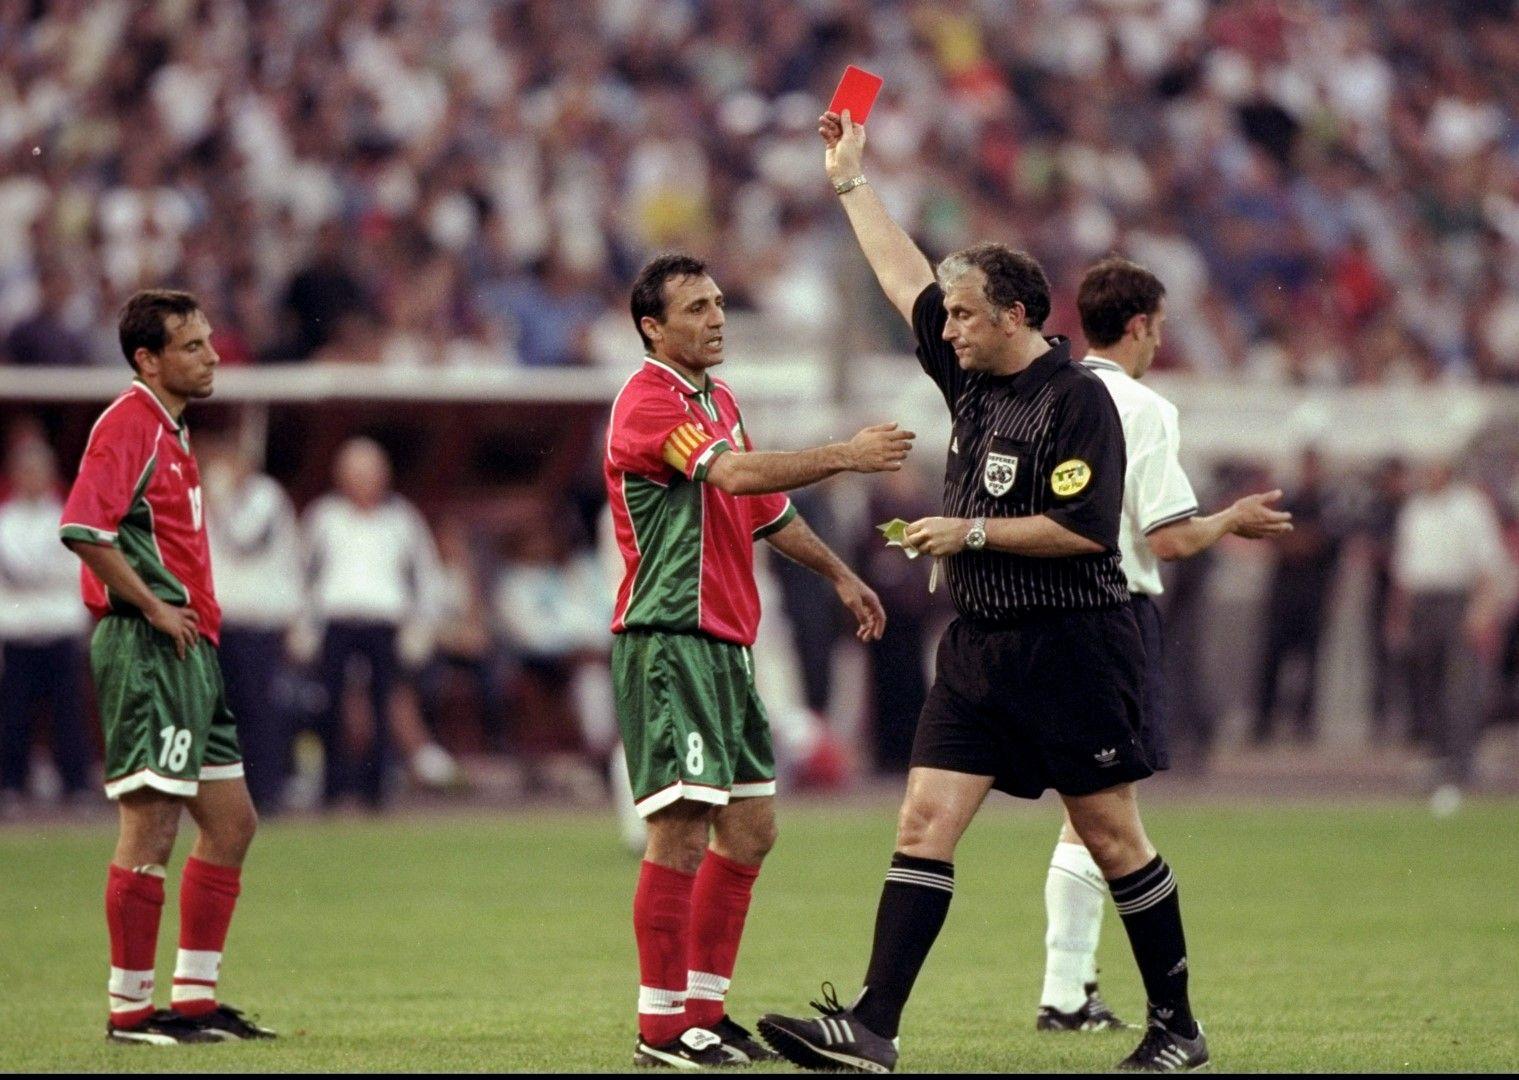 1999 г., 1:1 в София - последният мач на Христо Стоичков за България. Камата опитва да защити Мартин Петров, който е изгонен в дебюта си за първия тим